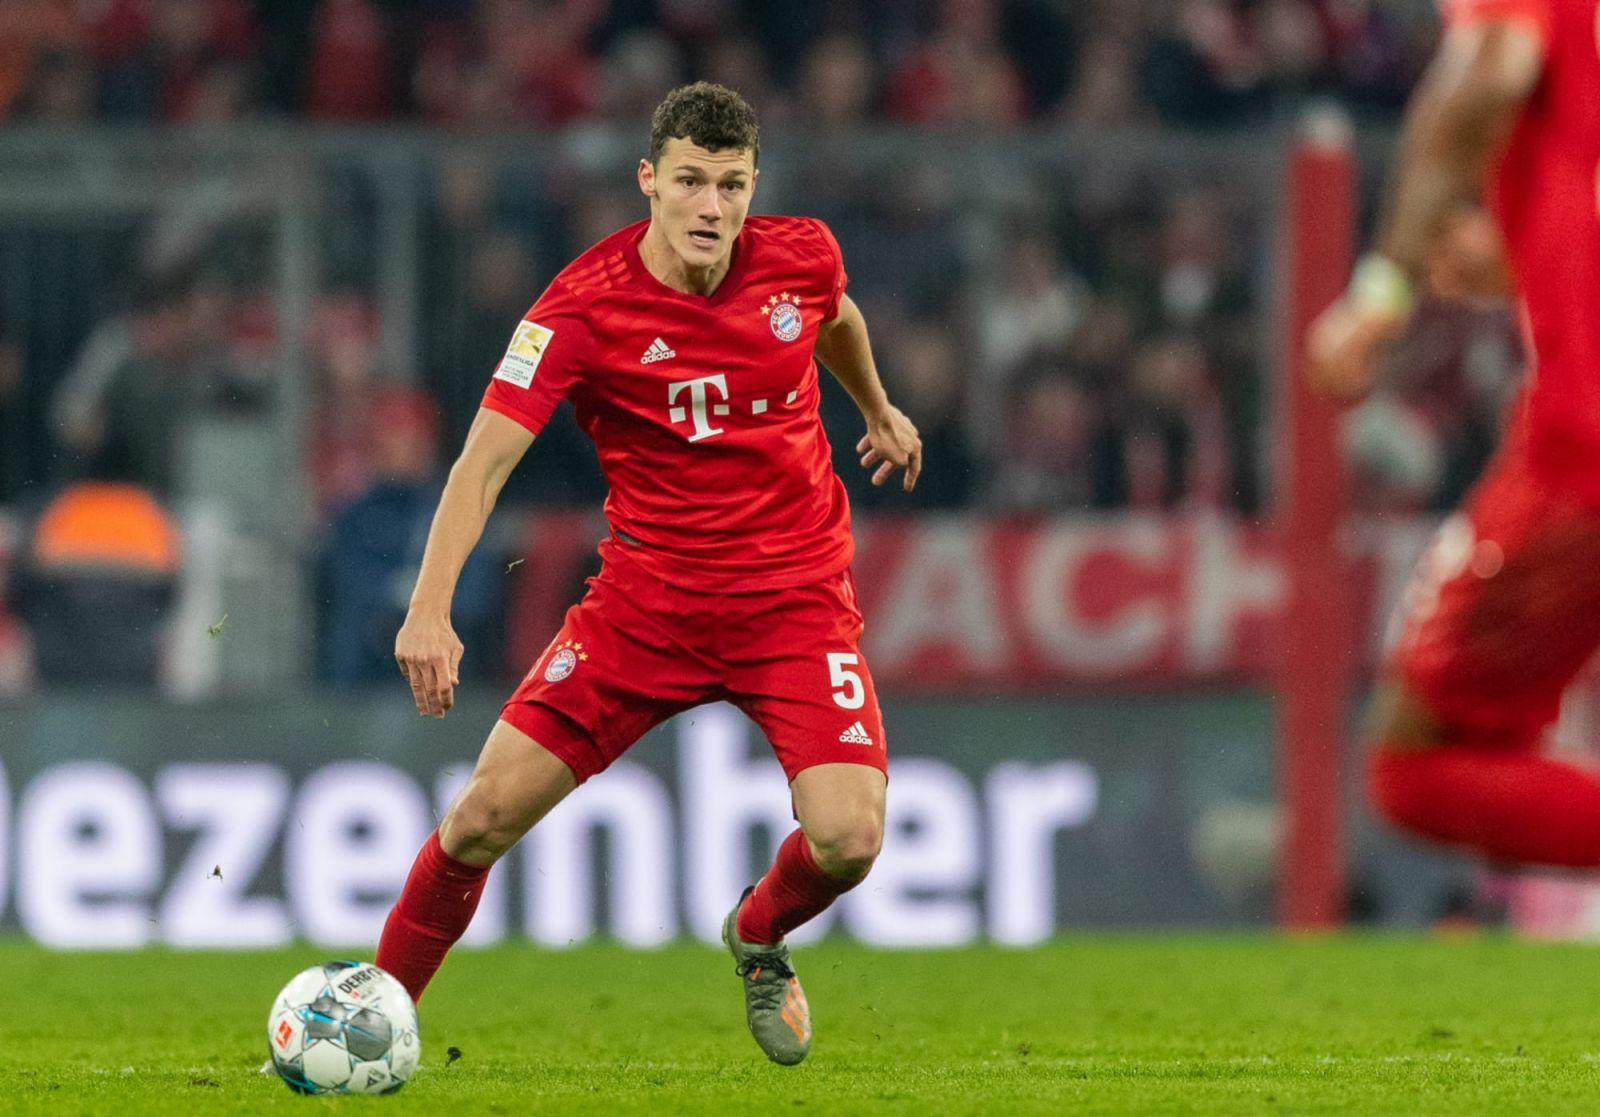 Benjamin Pavard mong muốn được chơi ở vị trí trung vệ cho Bayern